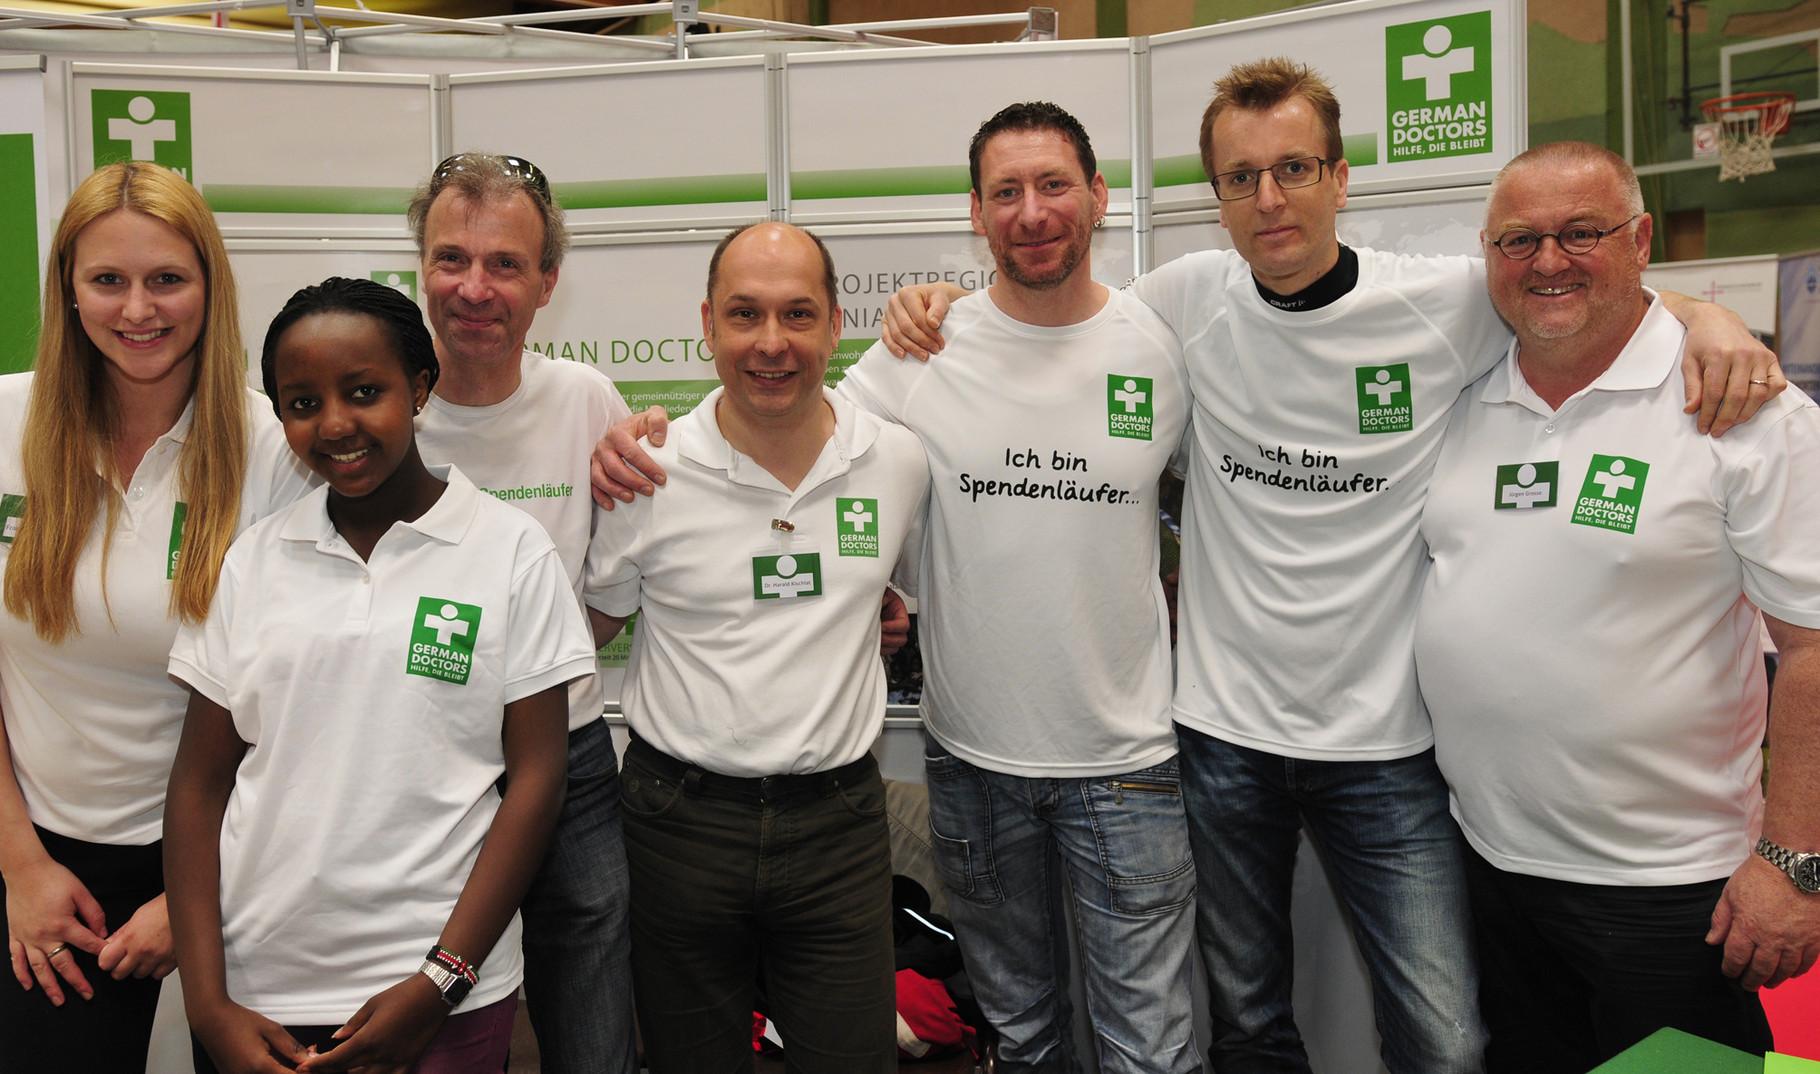 mit den spendenläufern und den german doctors beim e.on kassel marathon 2014